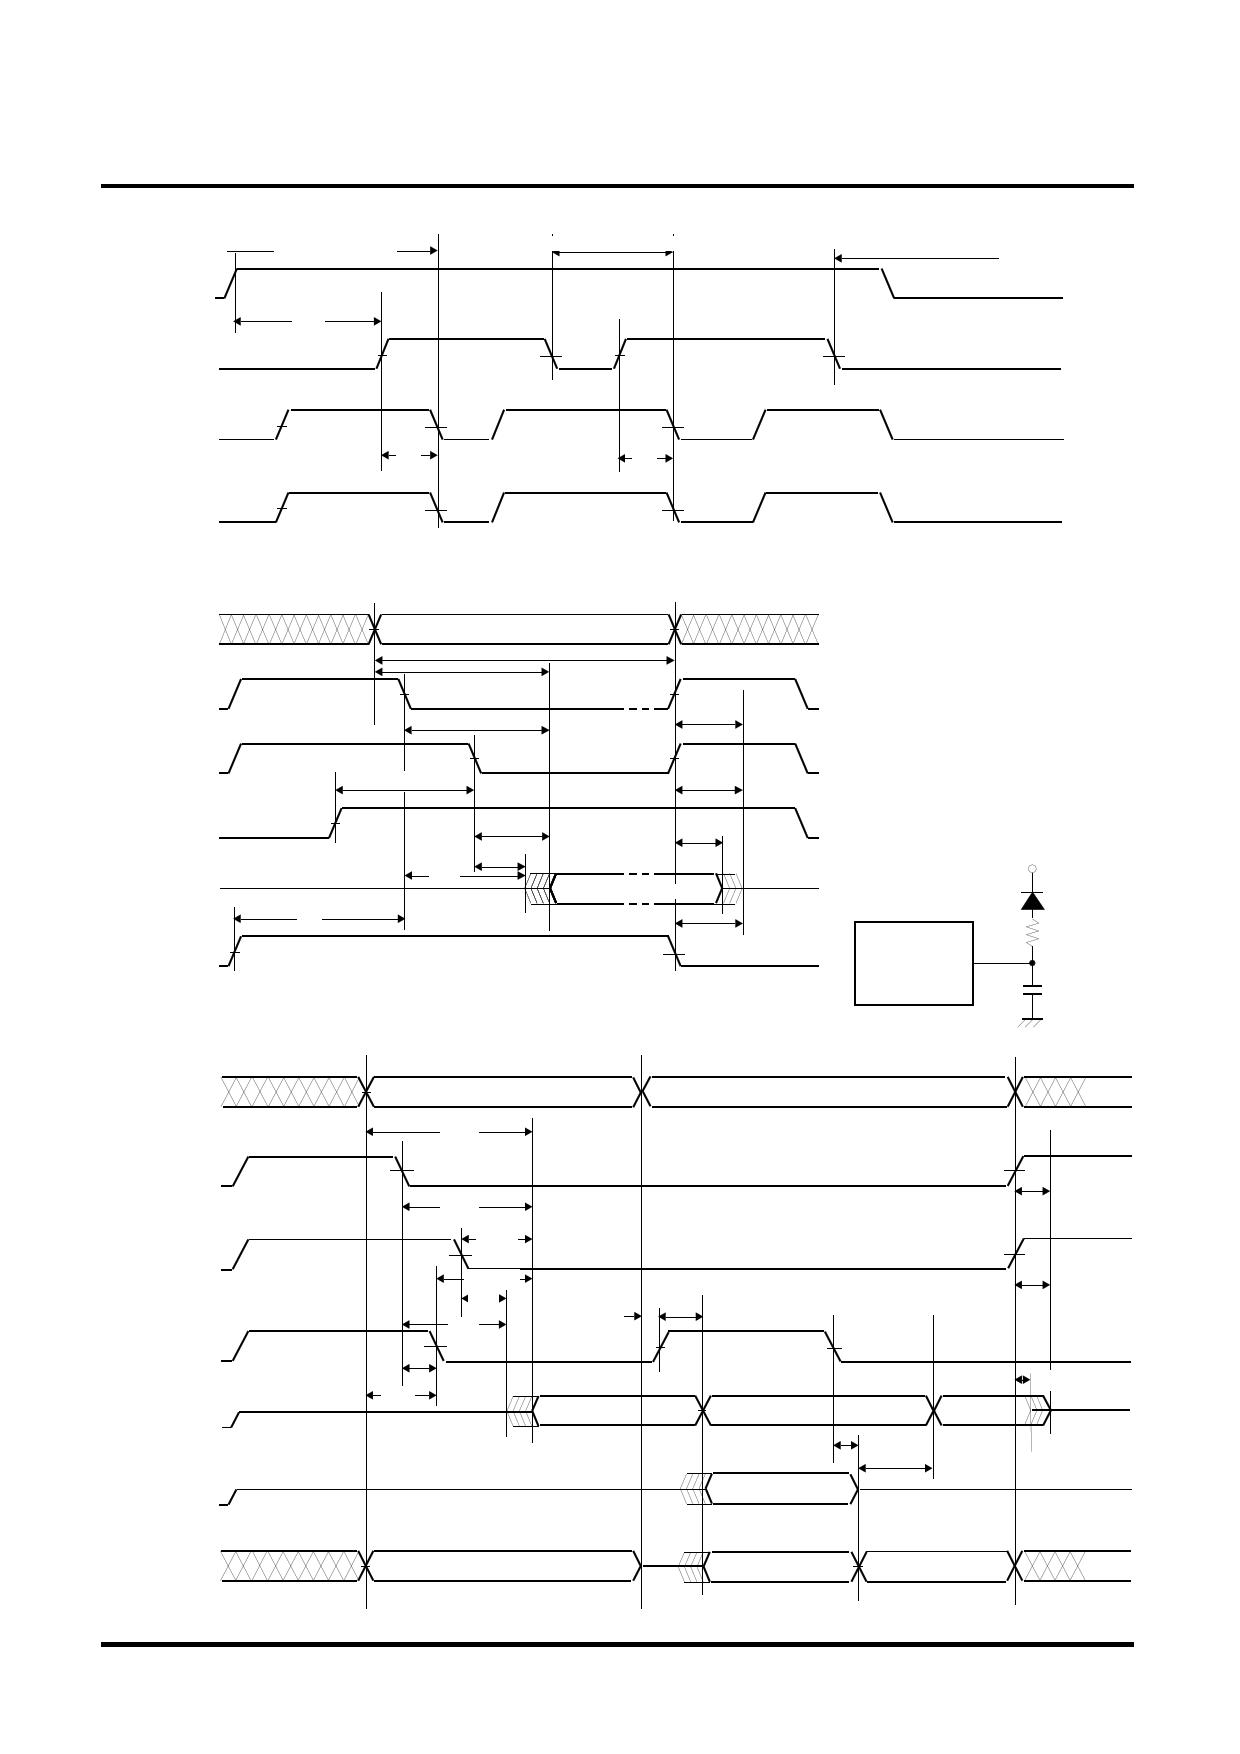 M5M29FB800VP-12 diode, scr